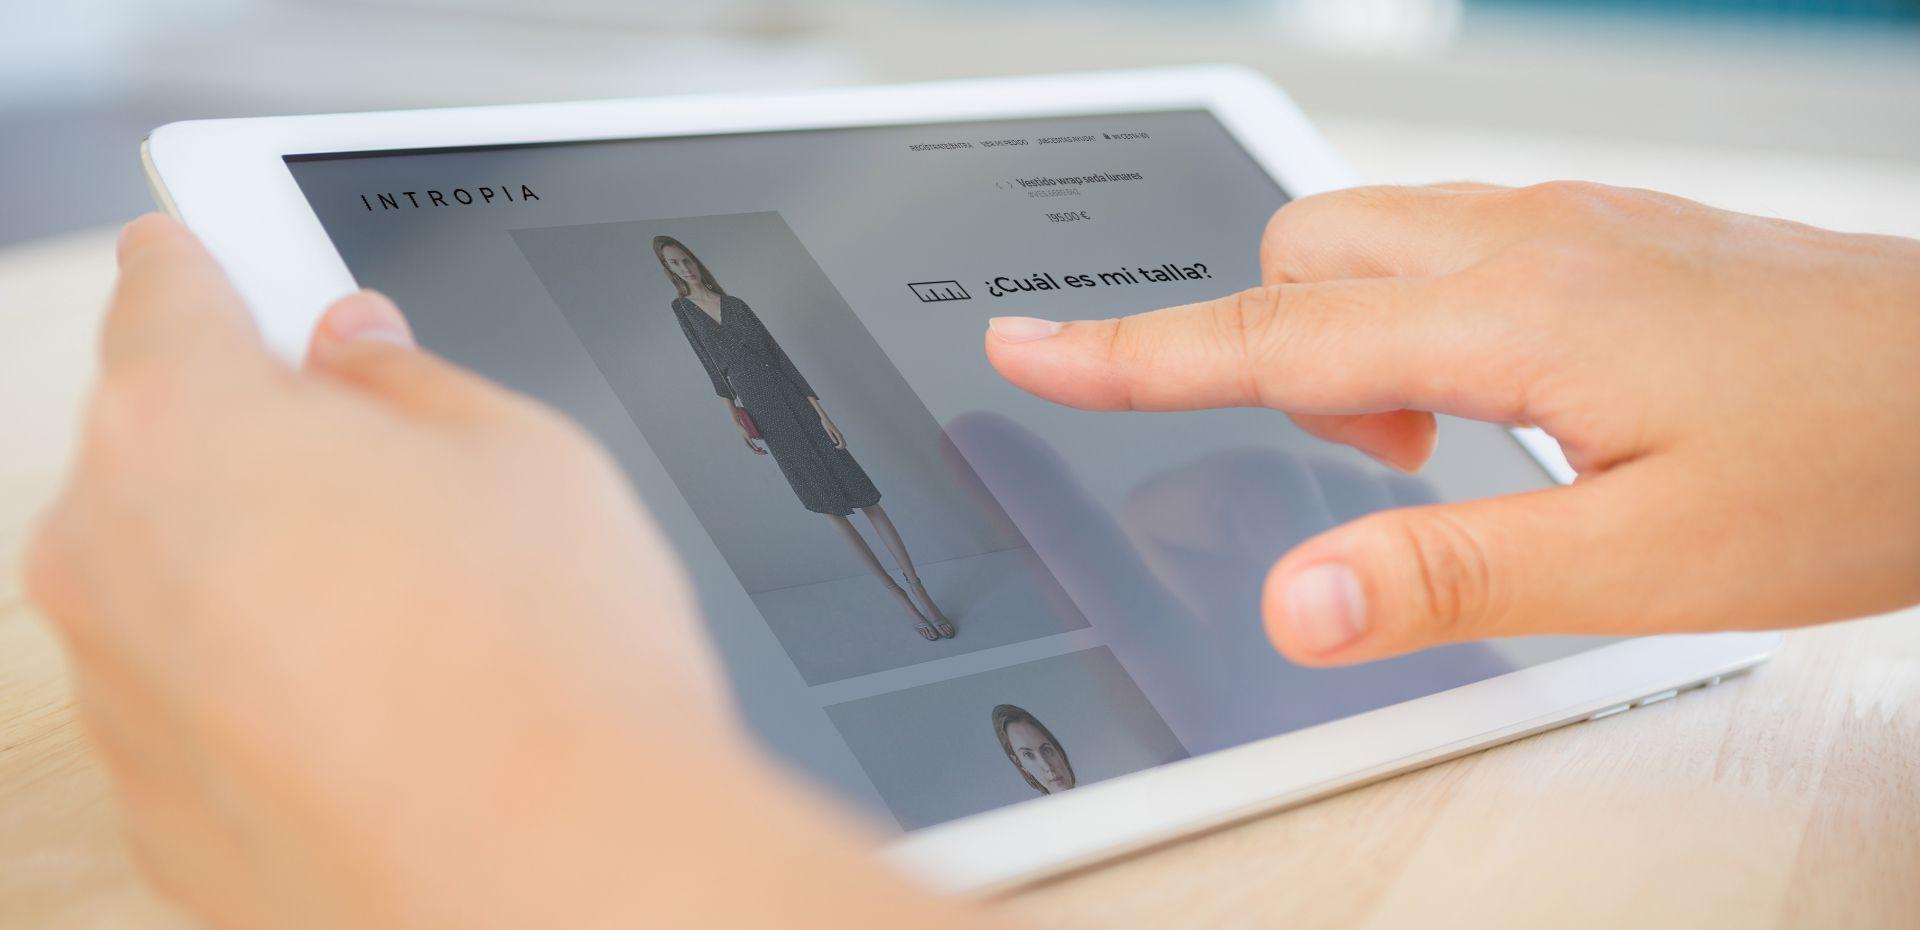 Intropia incrementa la confianza de compra de sus clientes con el recomendador de tallas de uSizy